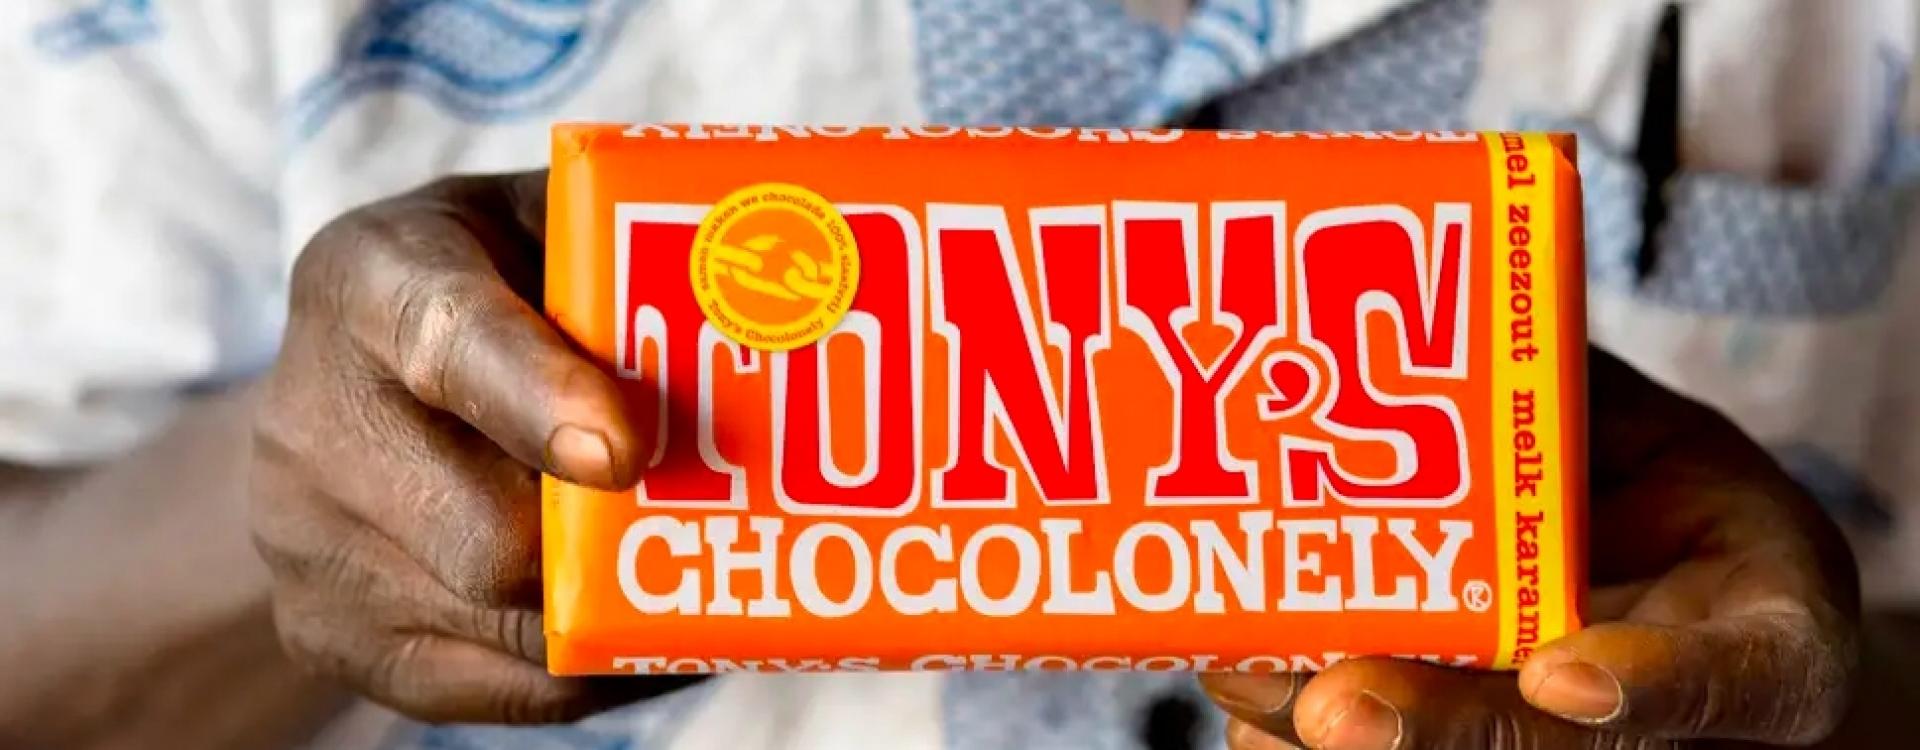 Brands tonys choc 02